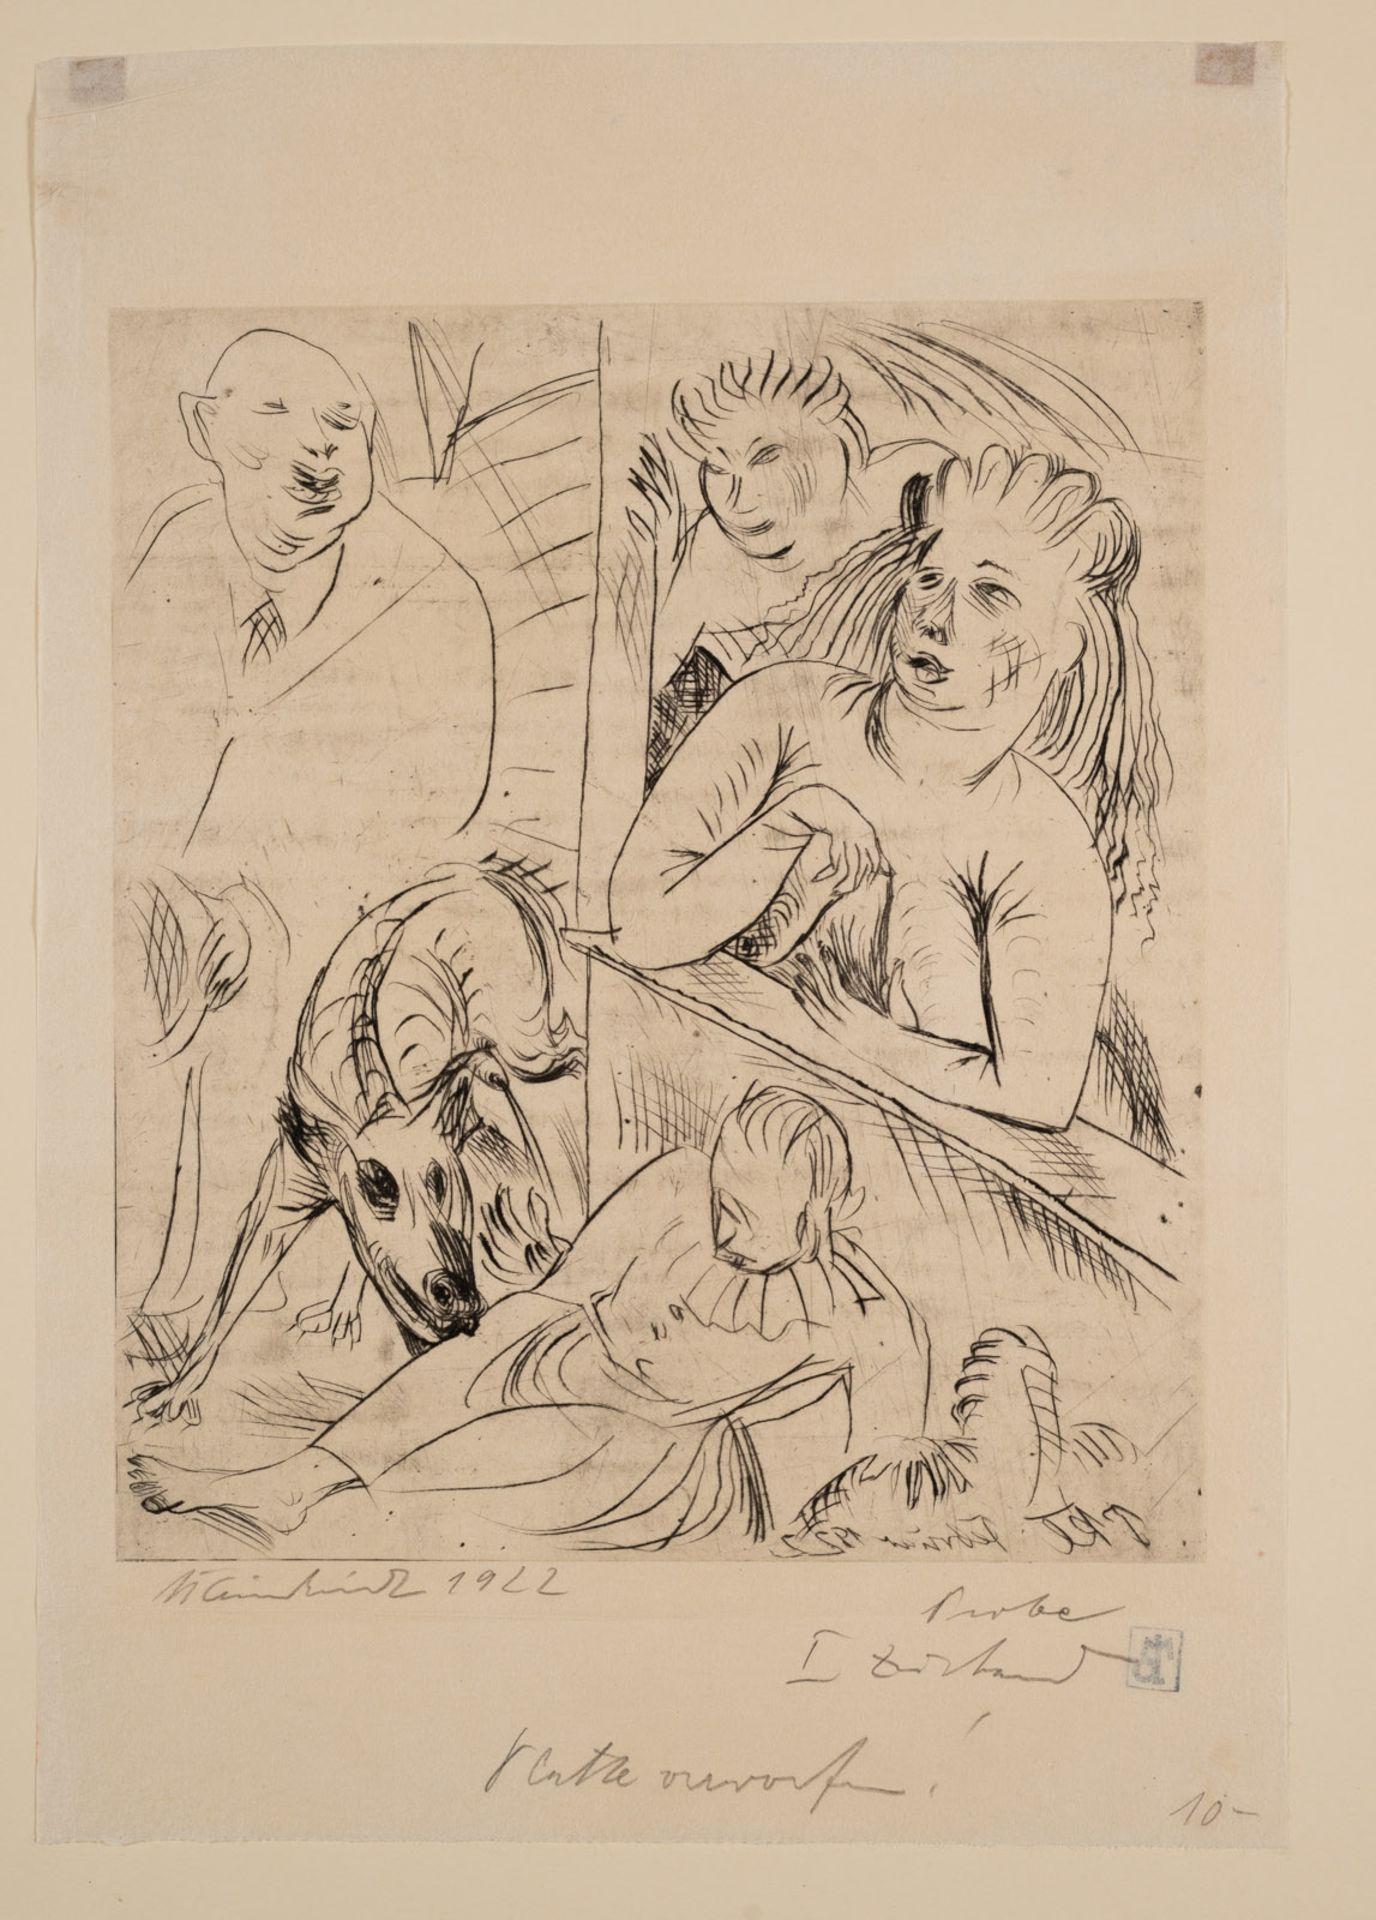 Kleinschmidt, Paul - Image 3 of 4